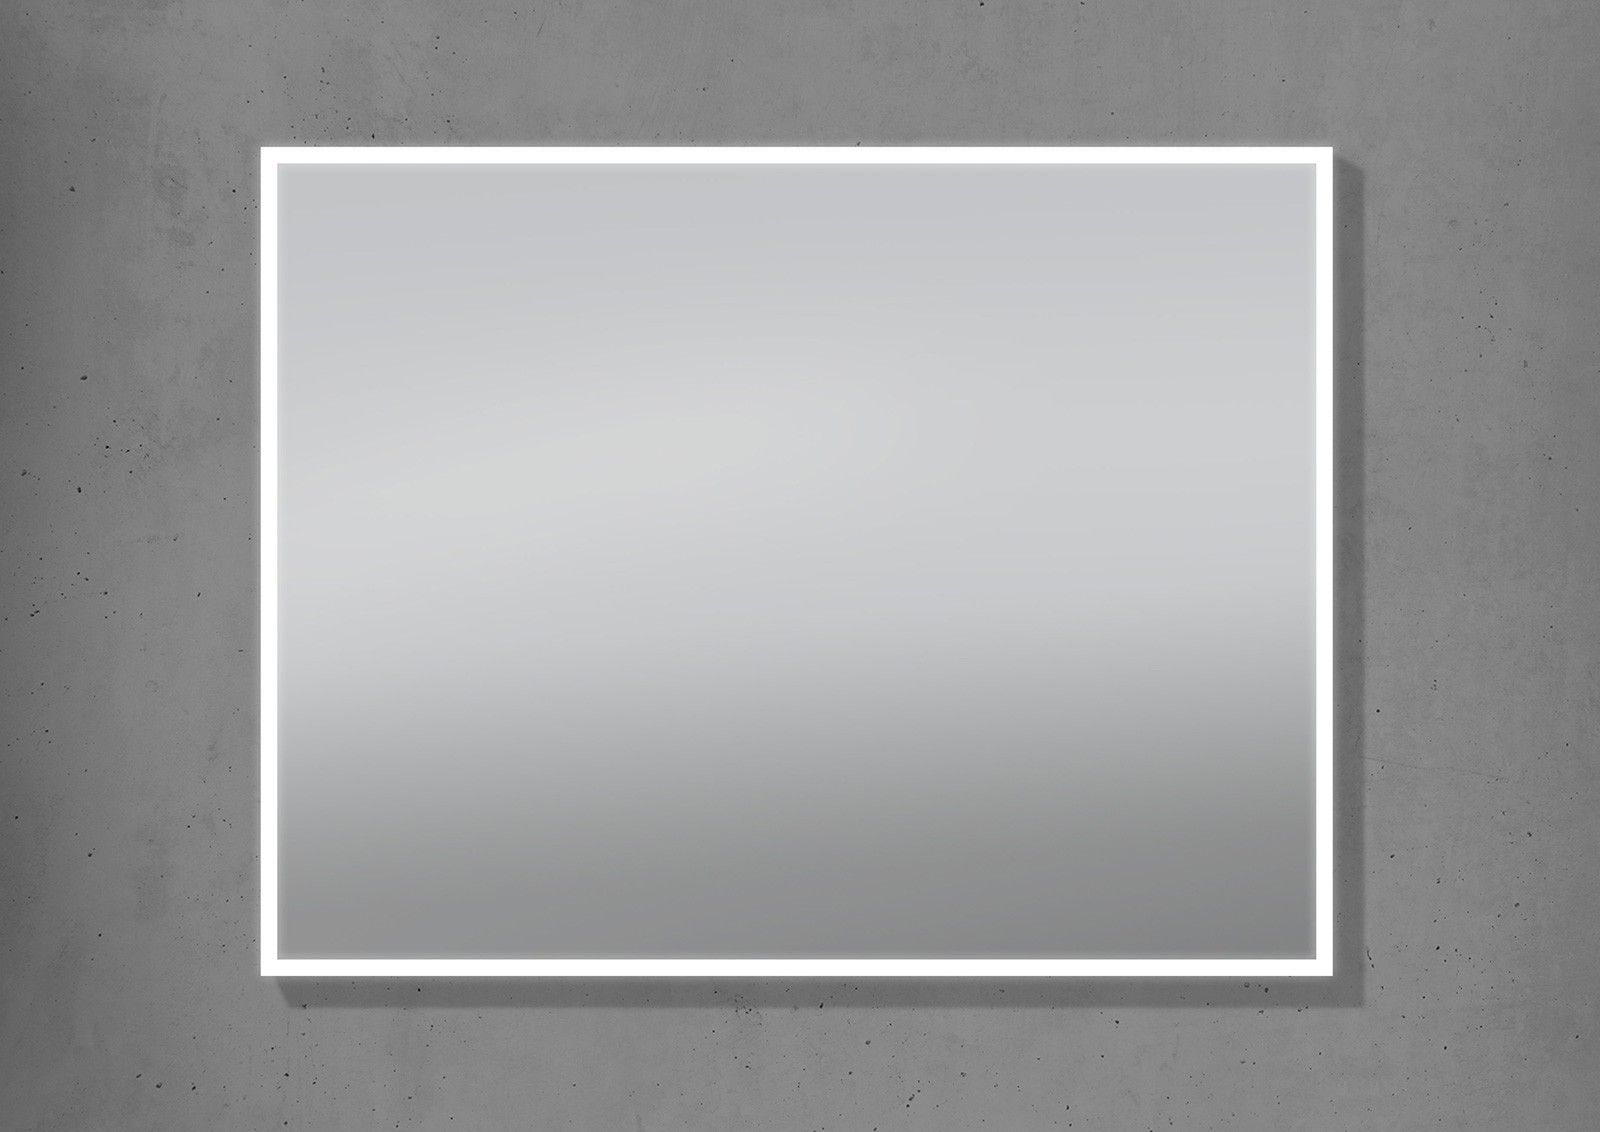 Badspiegel Mit Led Beleuchtung 90x70cm Lichtspiegel Made Living Onlineshop Badspiegel Led Badspiegel Mit Led Beleuchtung Led Beleuchtung